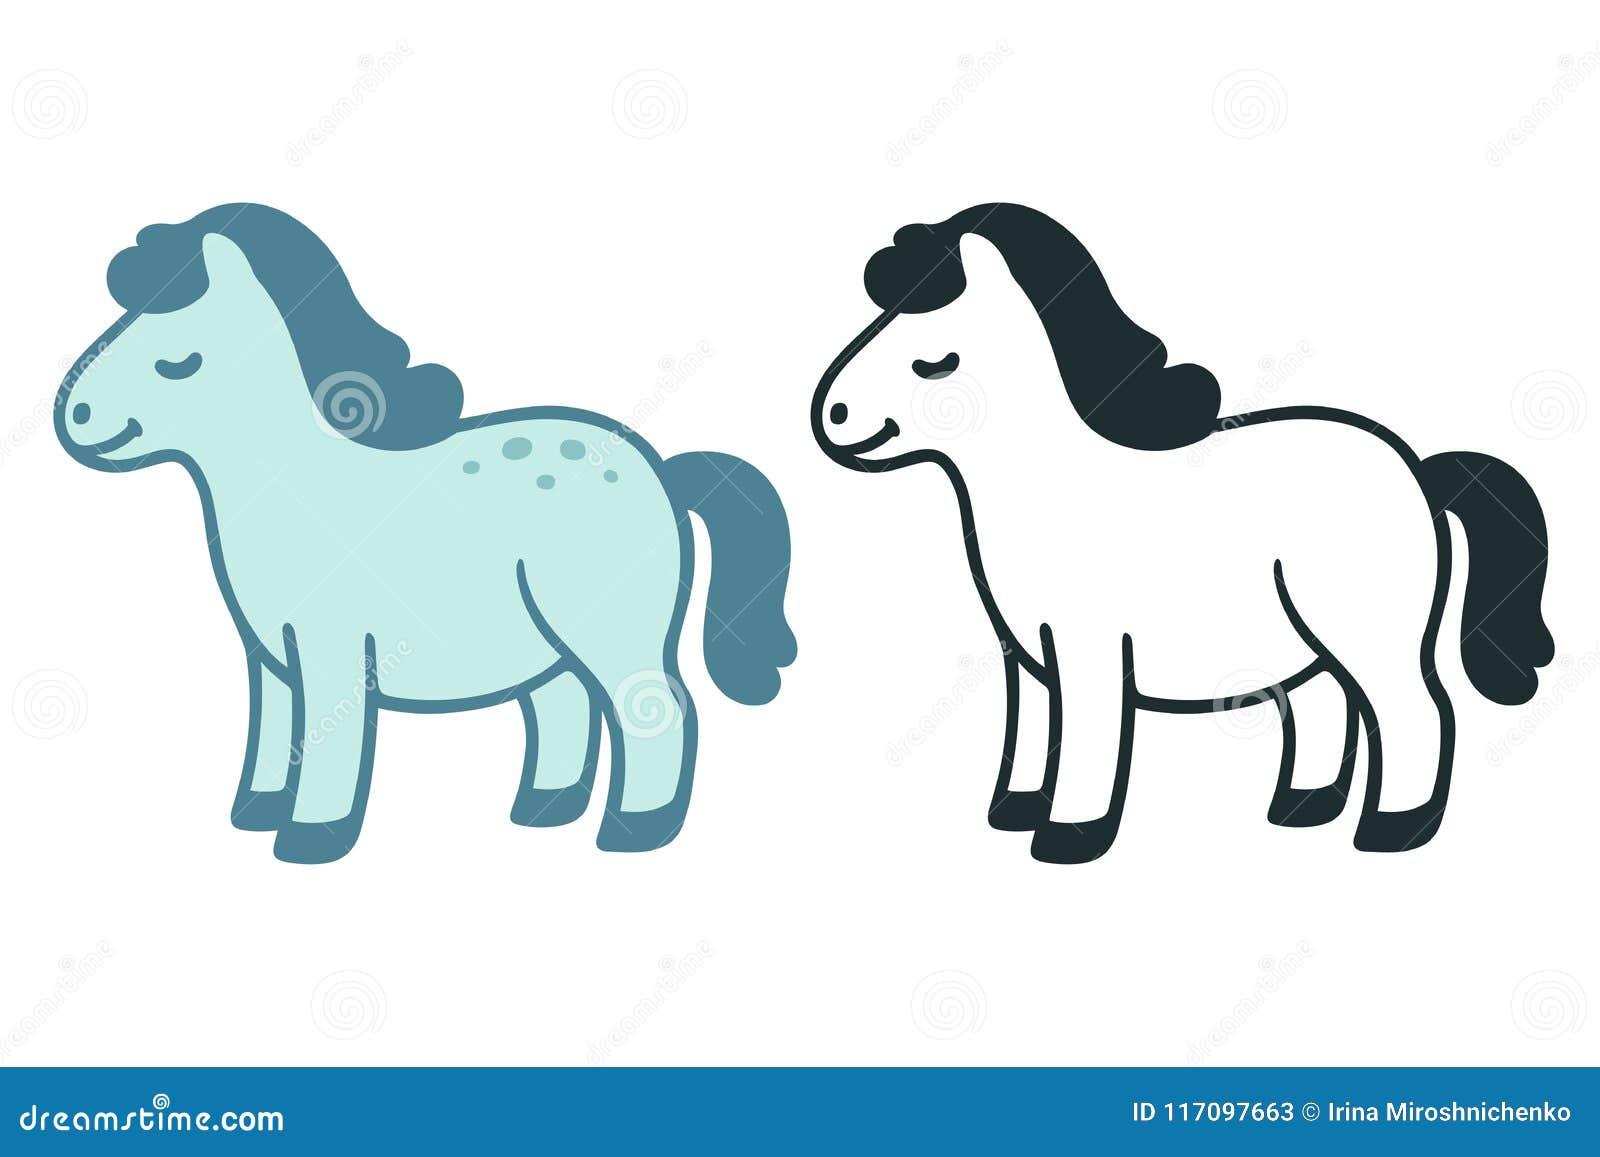 Fat Pony Stock Illustrations 971 Fat Pony Stock Illustrations Vectors Clipart Dreamstime